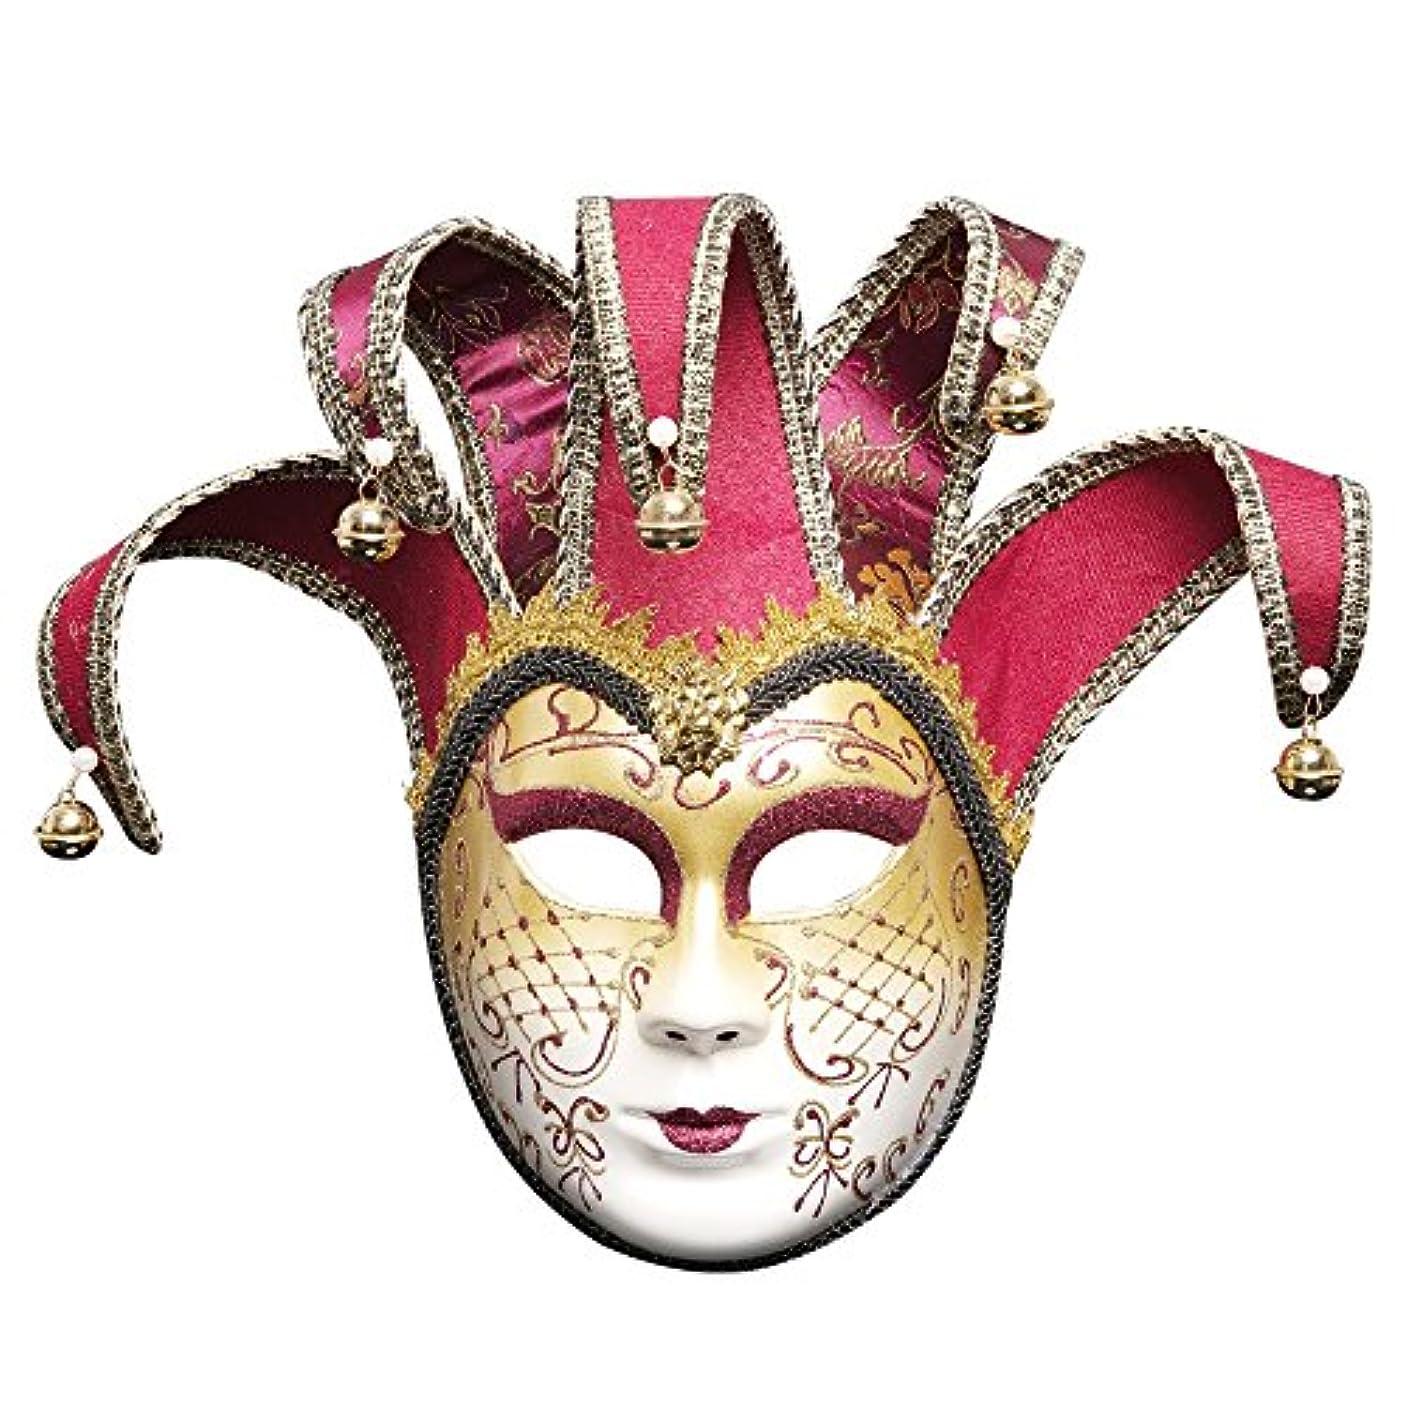 漂流指導するスペースハロウィンボールパーティーマスククリスマスクリエイティブ新しいフルフェイスメイクアップマスク (Color : A)